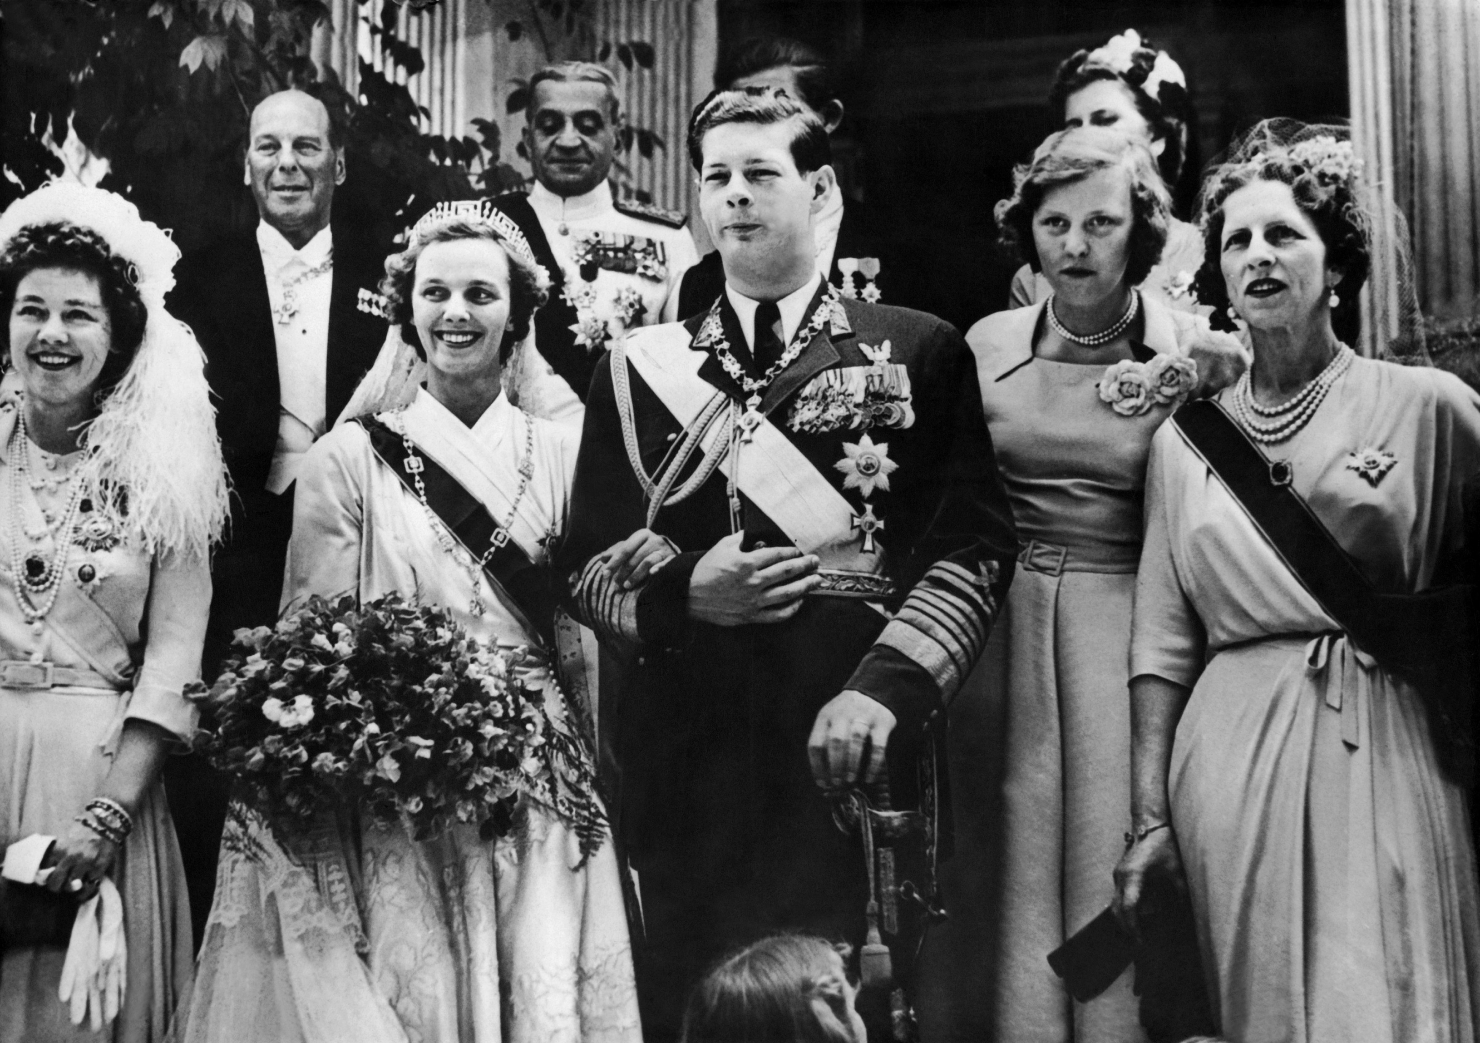 Nunta Regelui Mihai cu Regina Ana